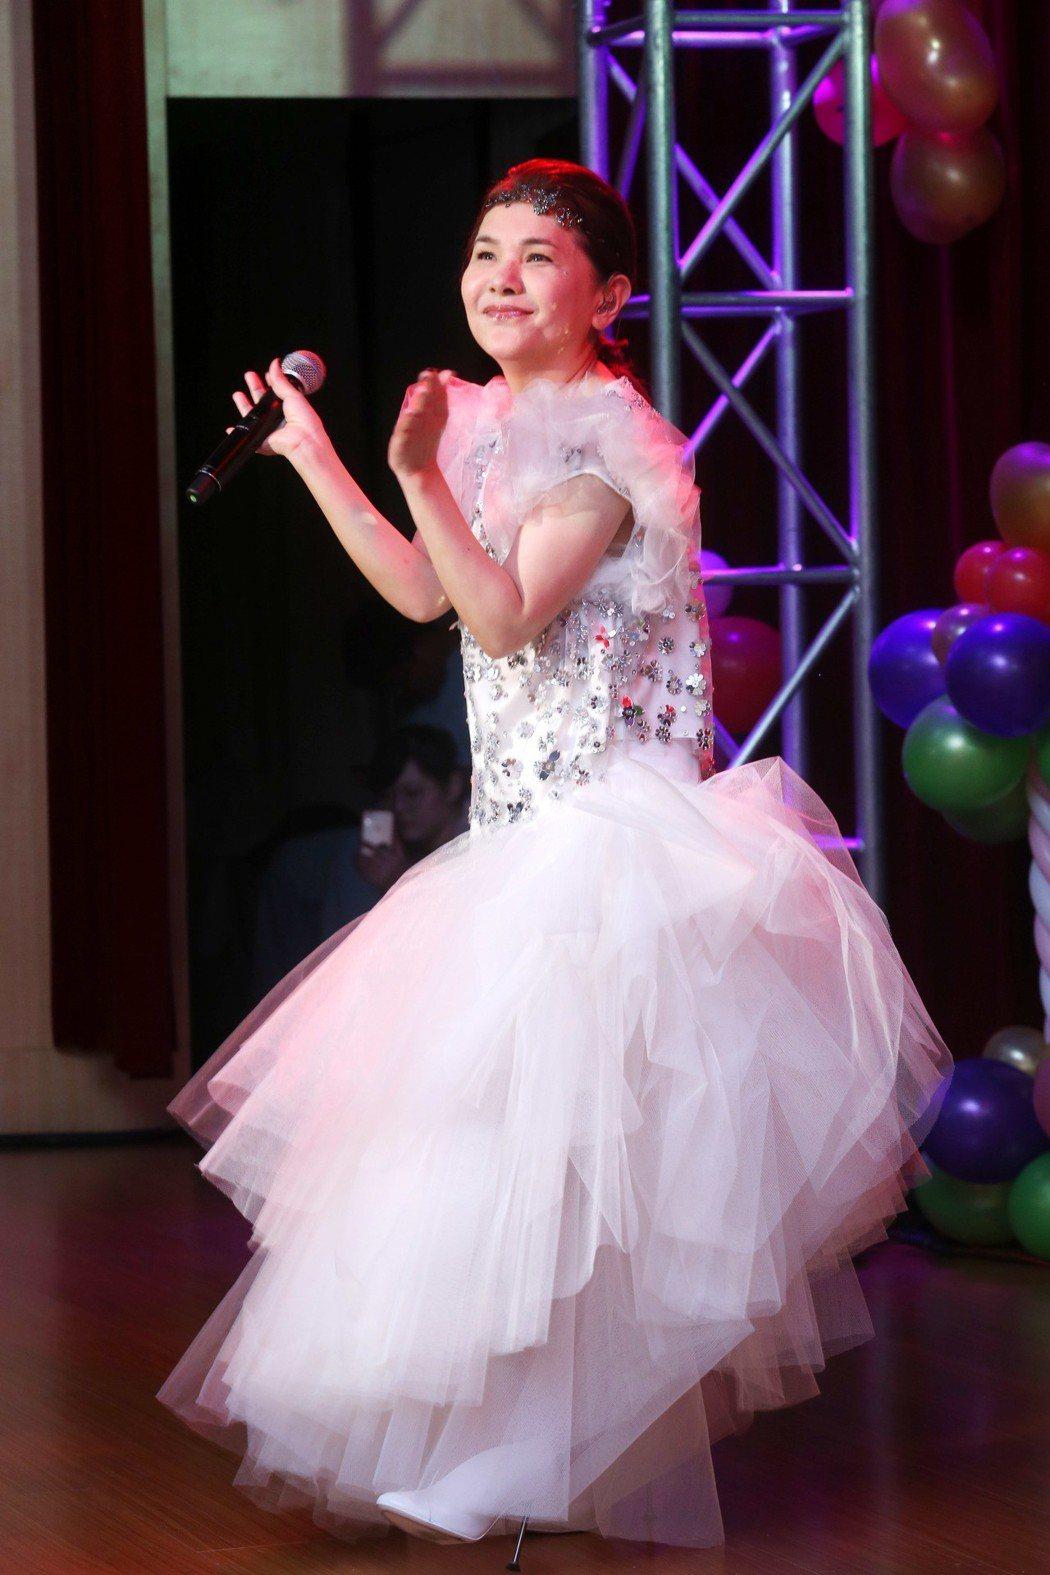 臺北國際護師節晚會今天在台北振興醫院舉行,藝人張清芳.與會為辛苦的醫護人員獻唱。...